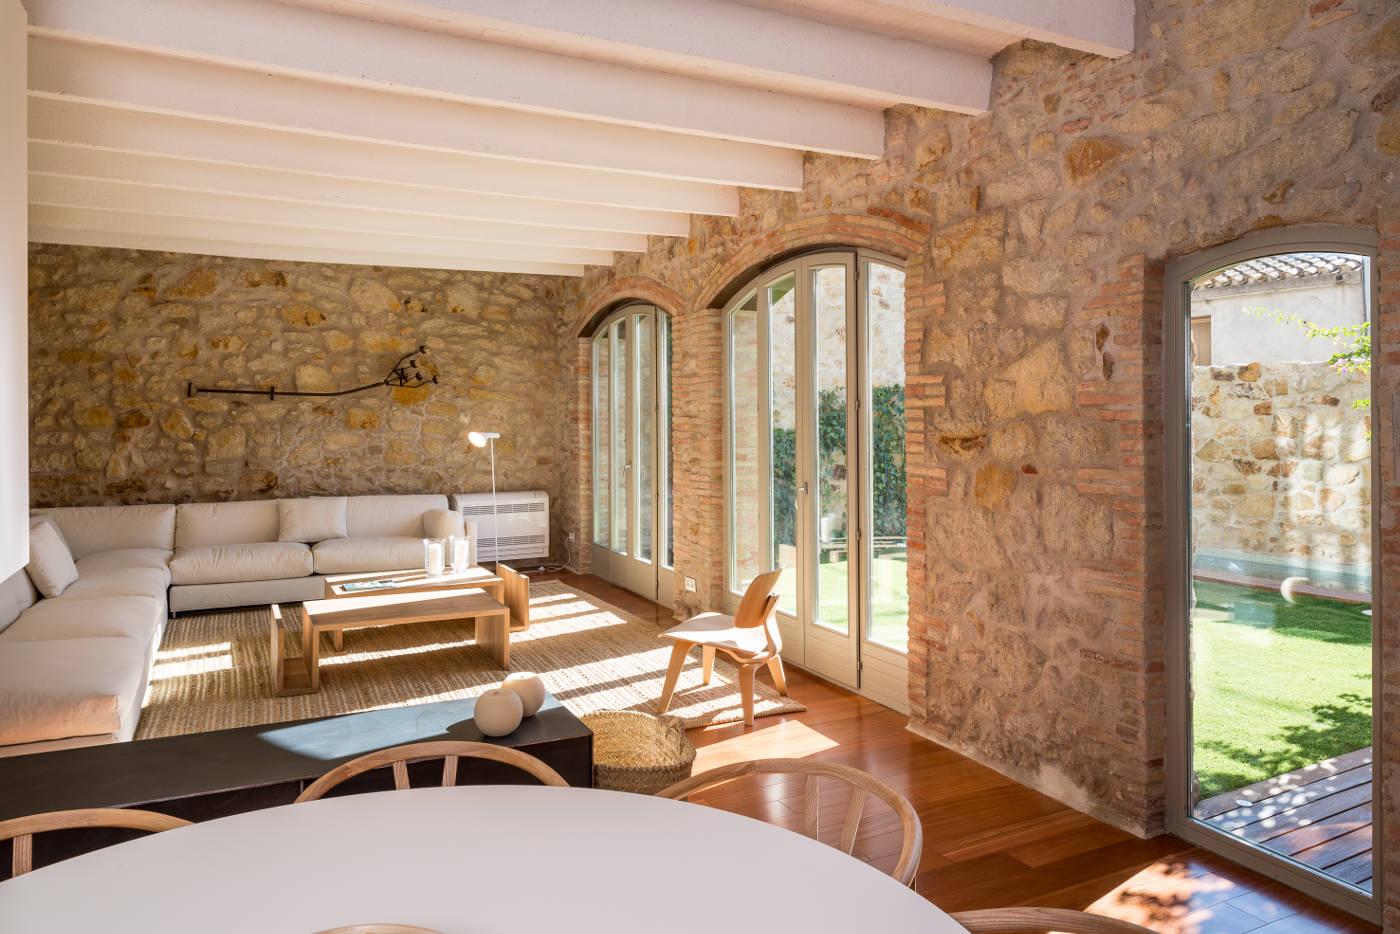 Rehabilitacion y reforma casas rusticas gloria duran estudio de arquitectura - Rehabilitacion de casas ...